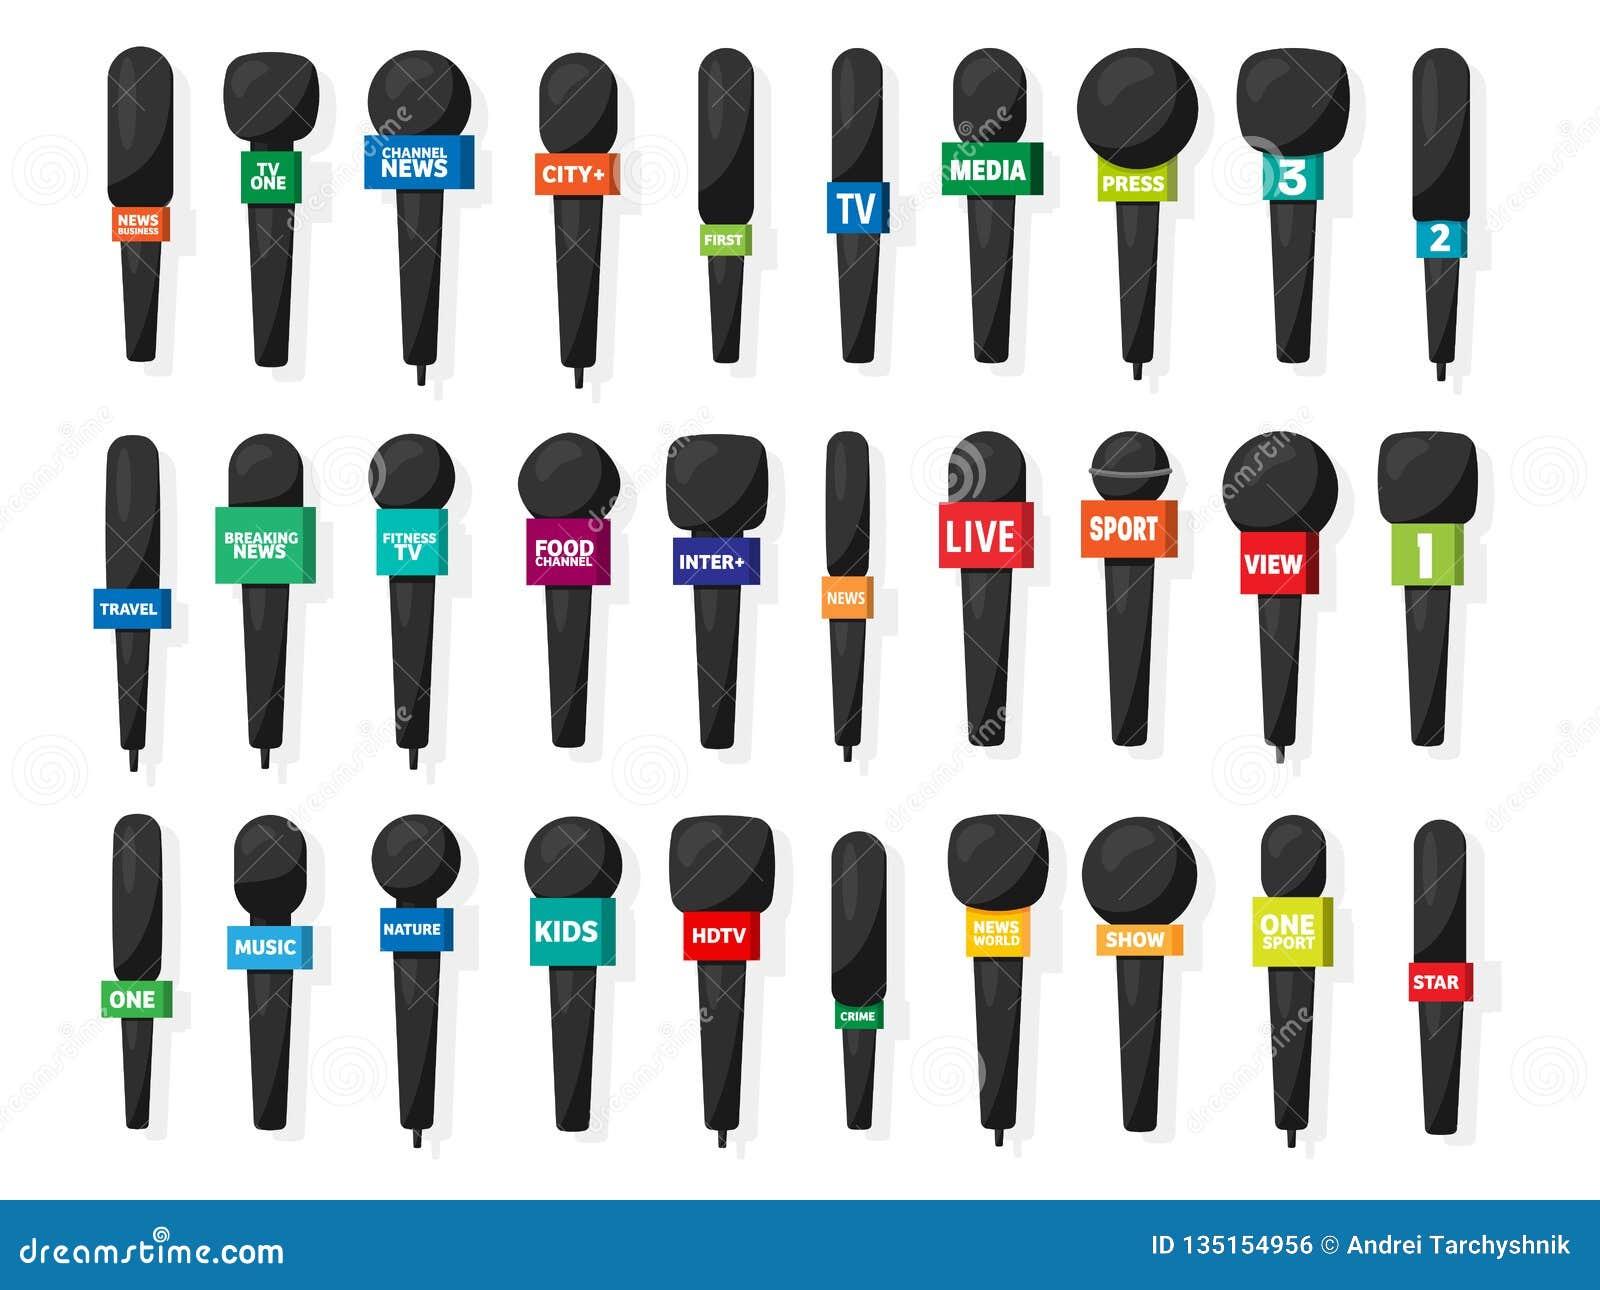 Microfoon, verslaggeversmateriaal in vlakke stijl De massamedia, TV-televisie tonen Televergadering en gesprek broadcasting